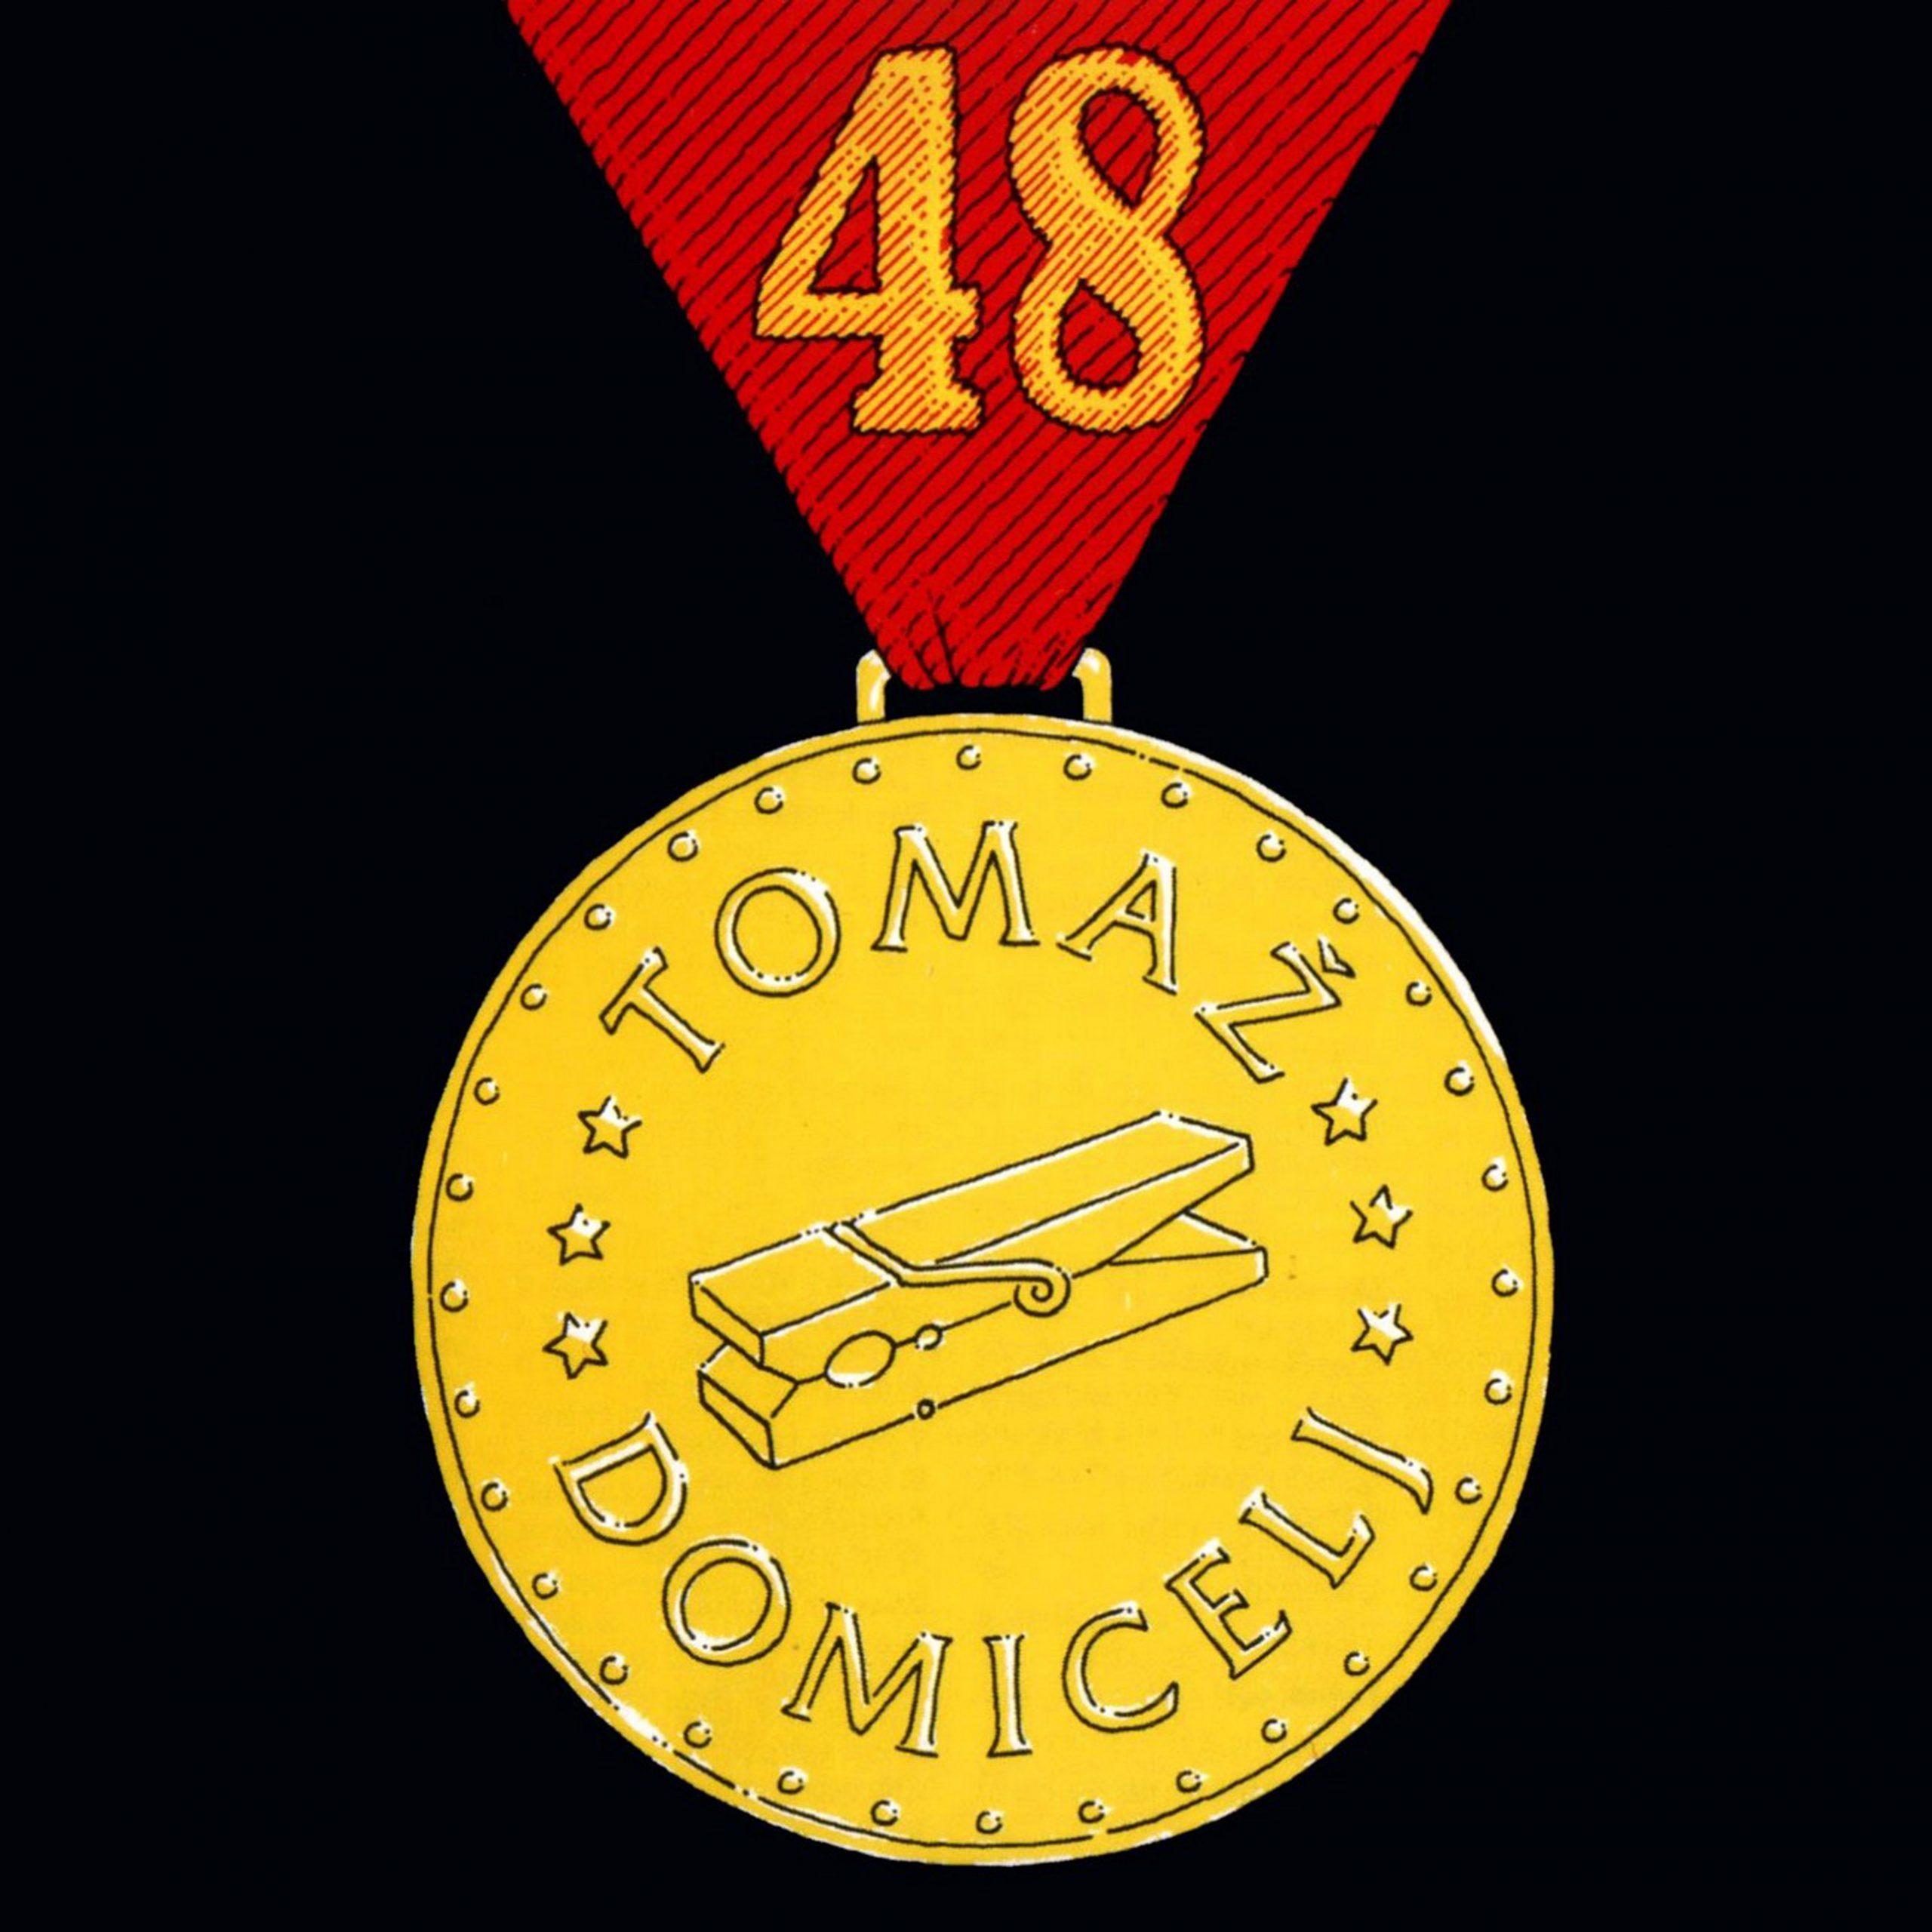 domicelj_48